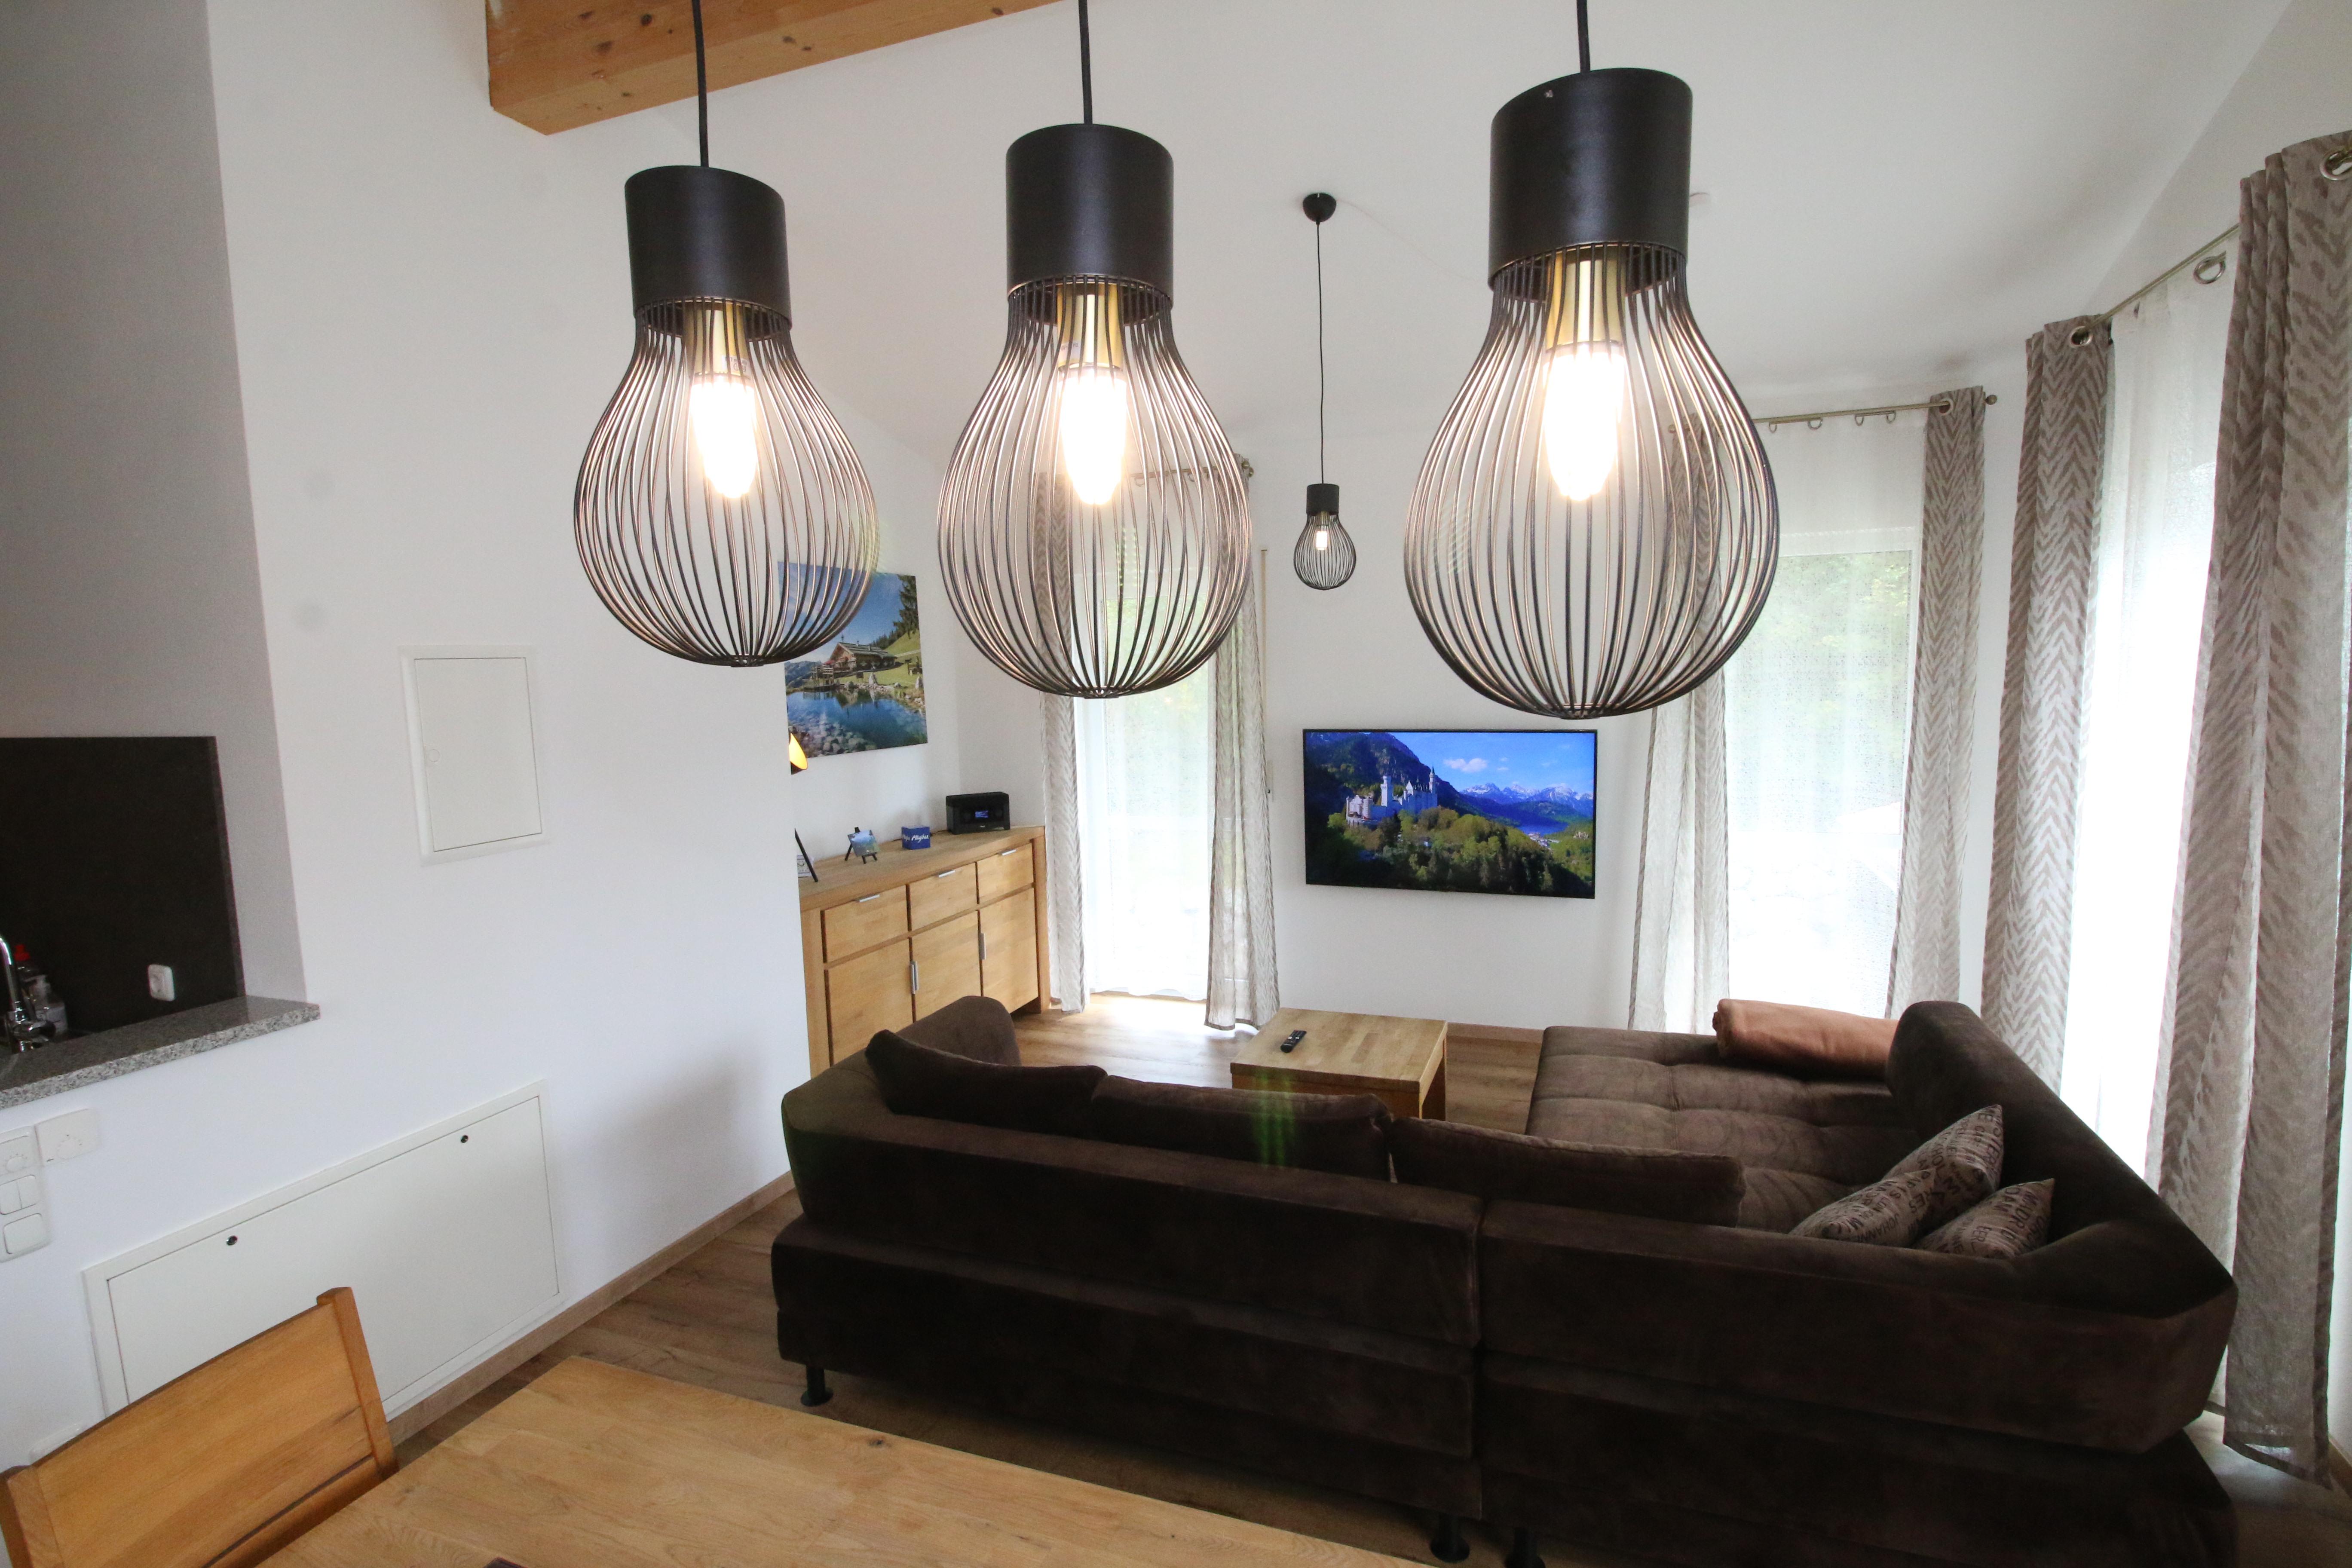 NEU in 2021: Unsere moderne Wohnlounge mit SMART TV